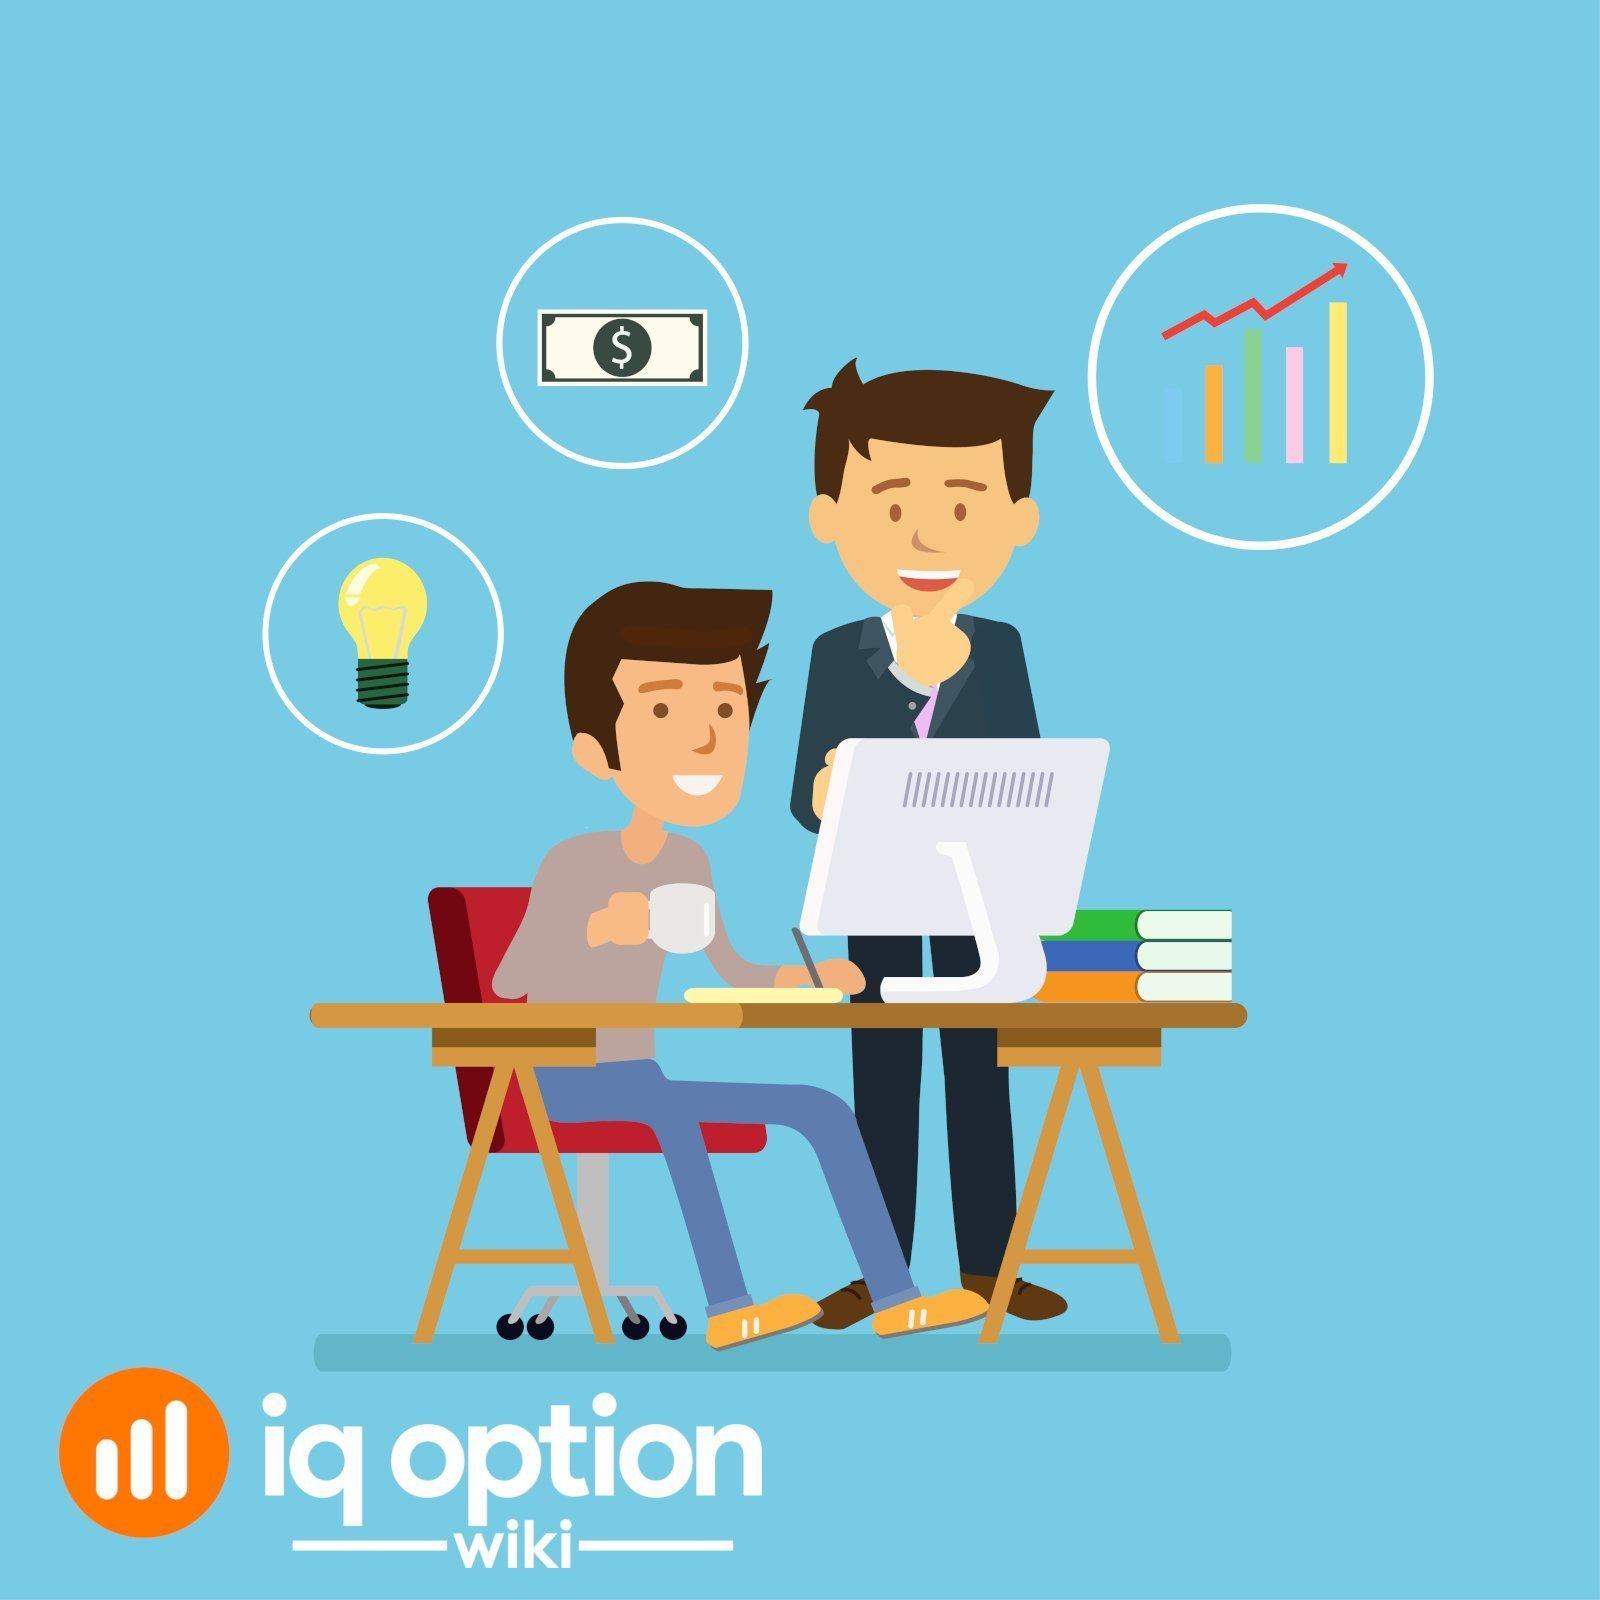 ফলাফল বিশ্লেষণ iq option